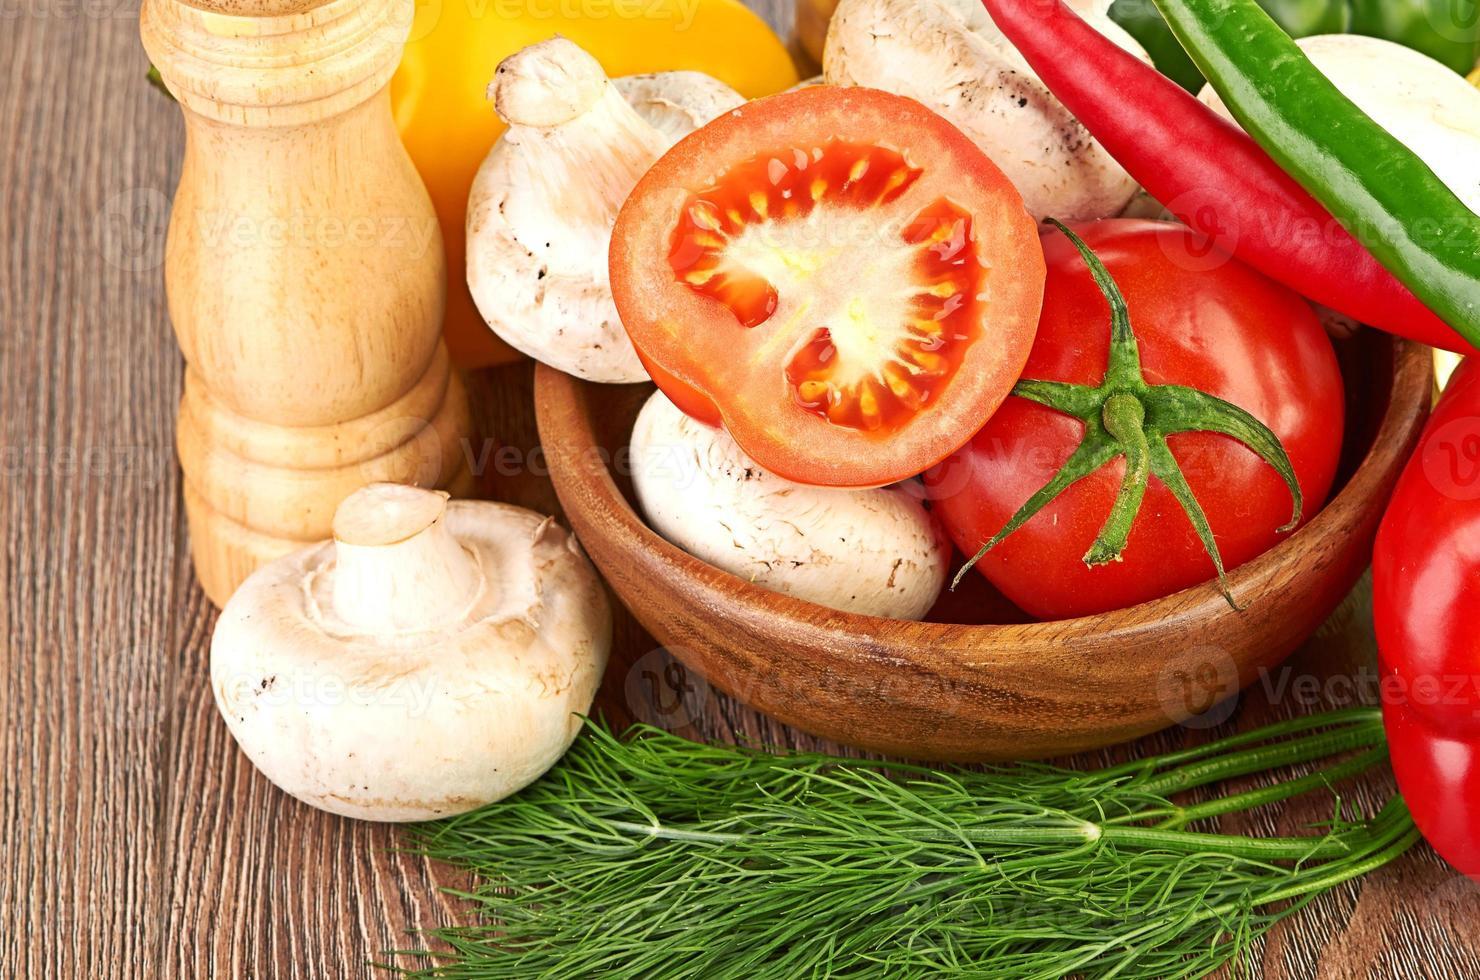 färska grönsaker och svamp foto